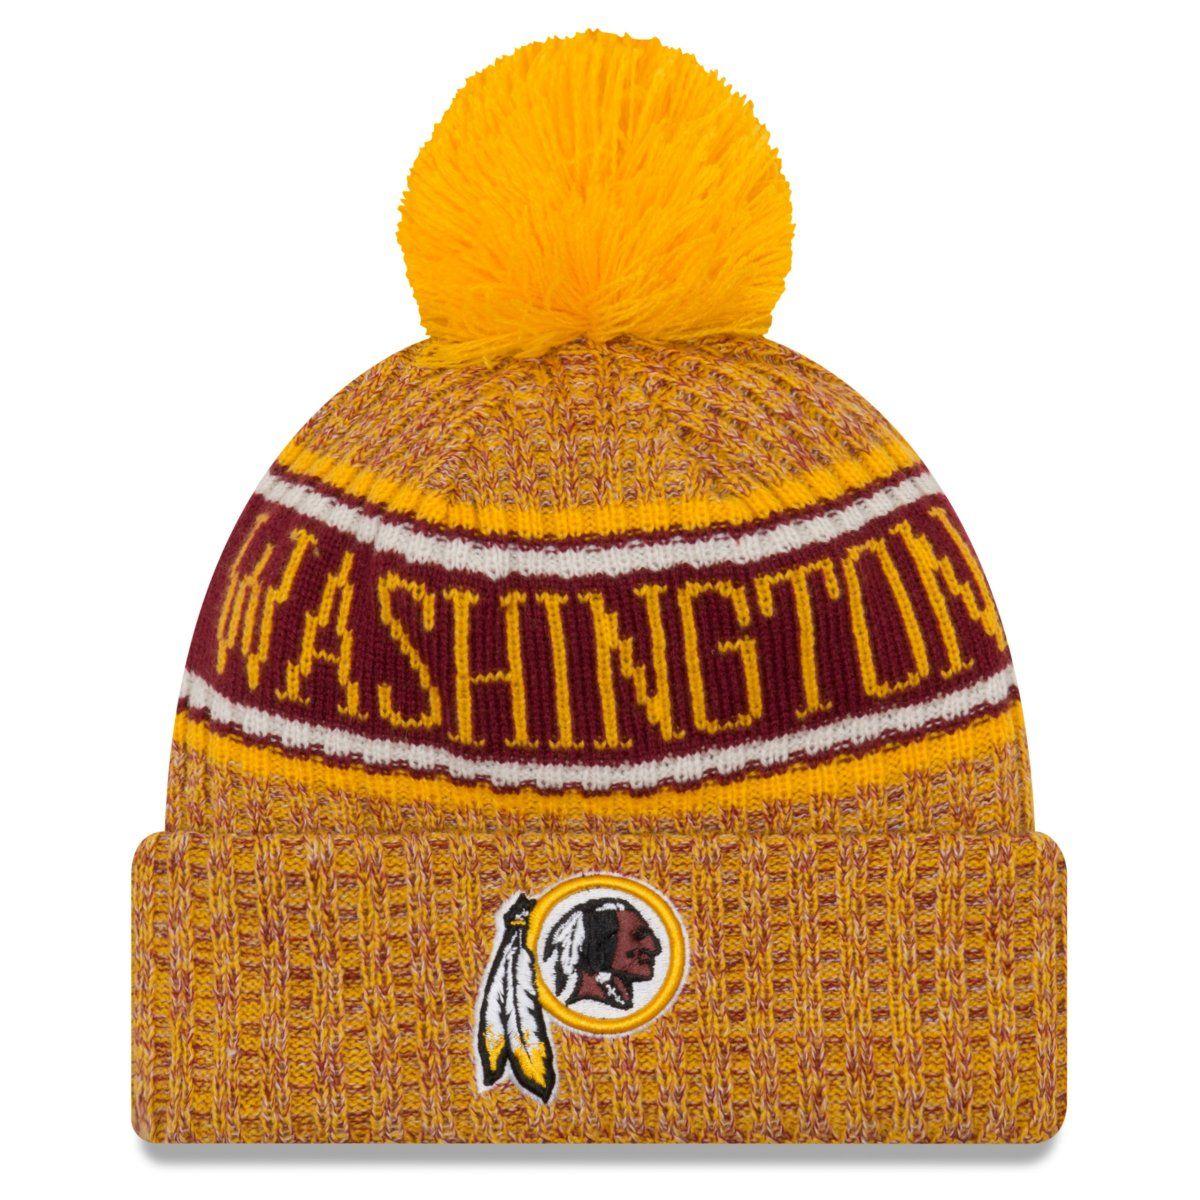 amfoo - New Era NFL Sideline Reverse Mütze - Washington Redskins